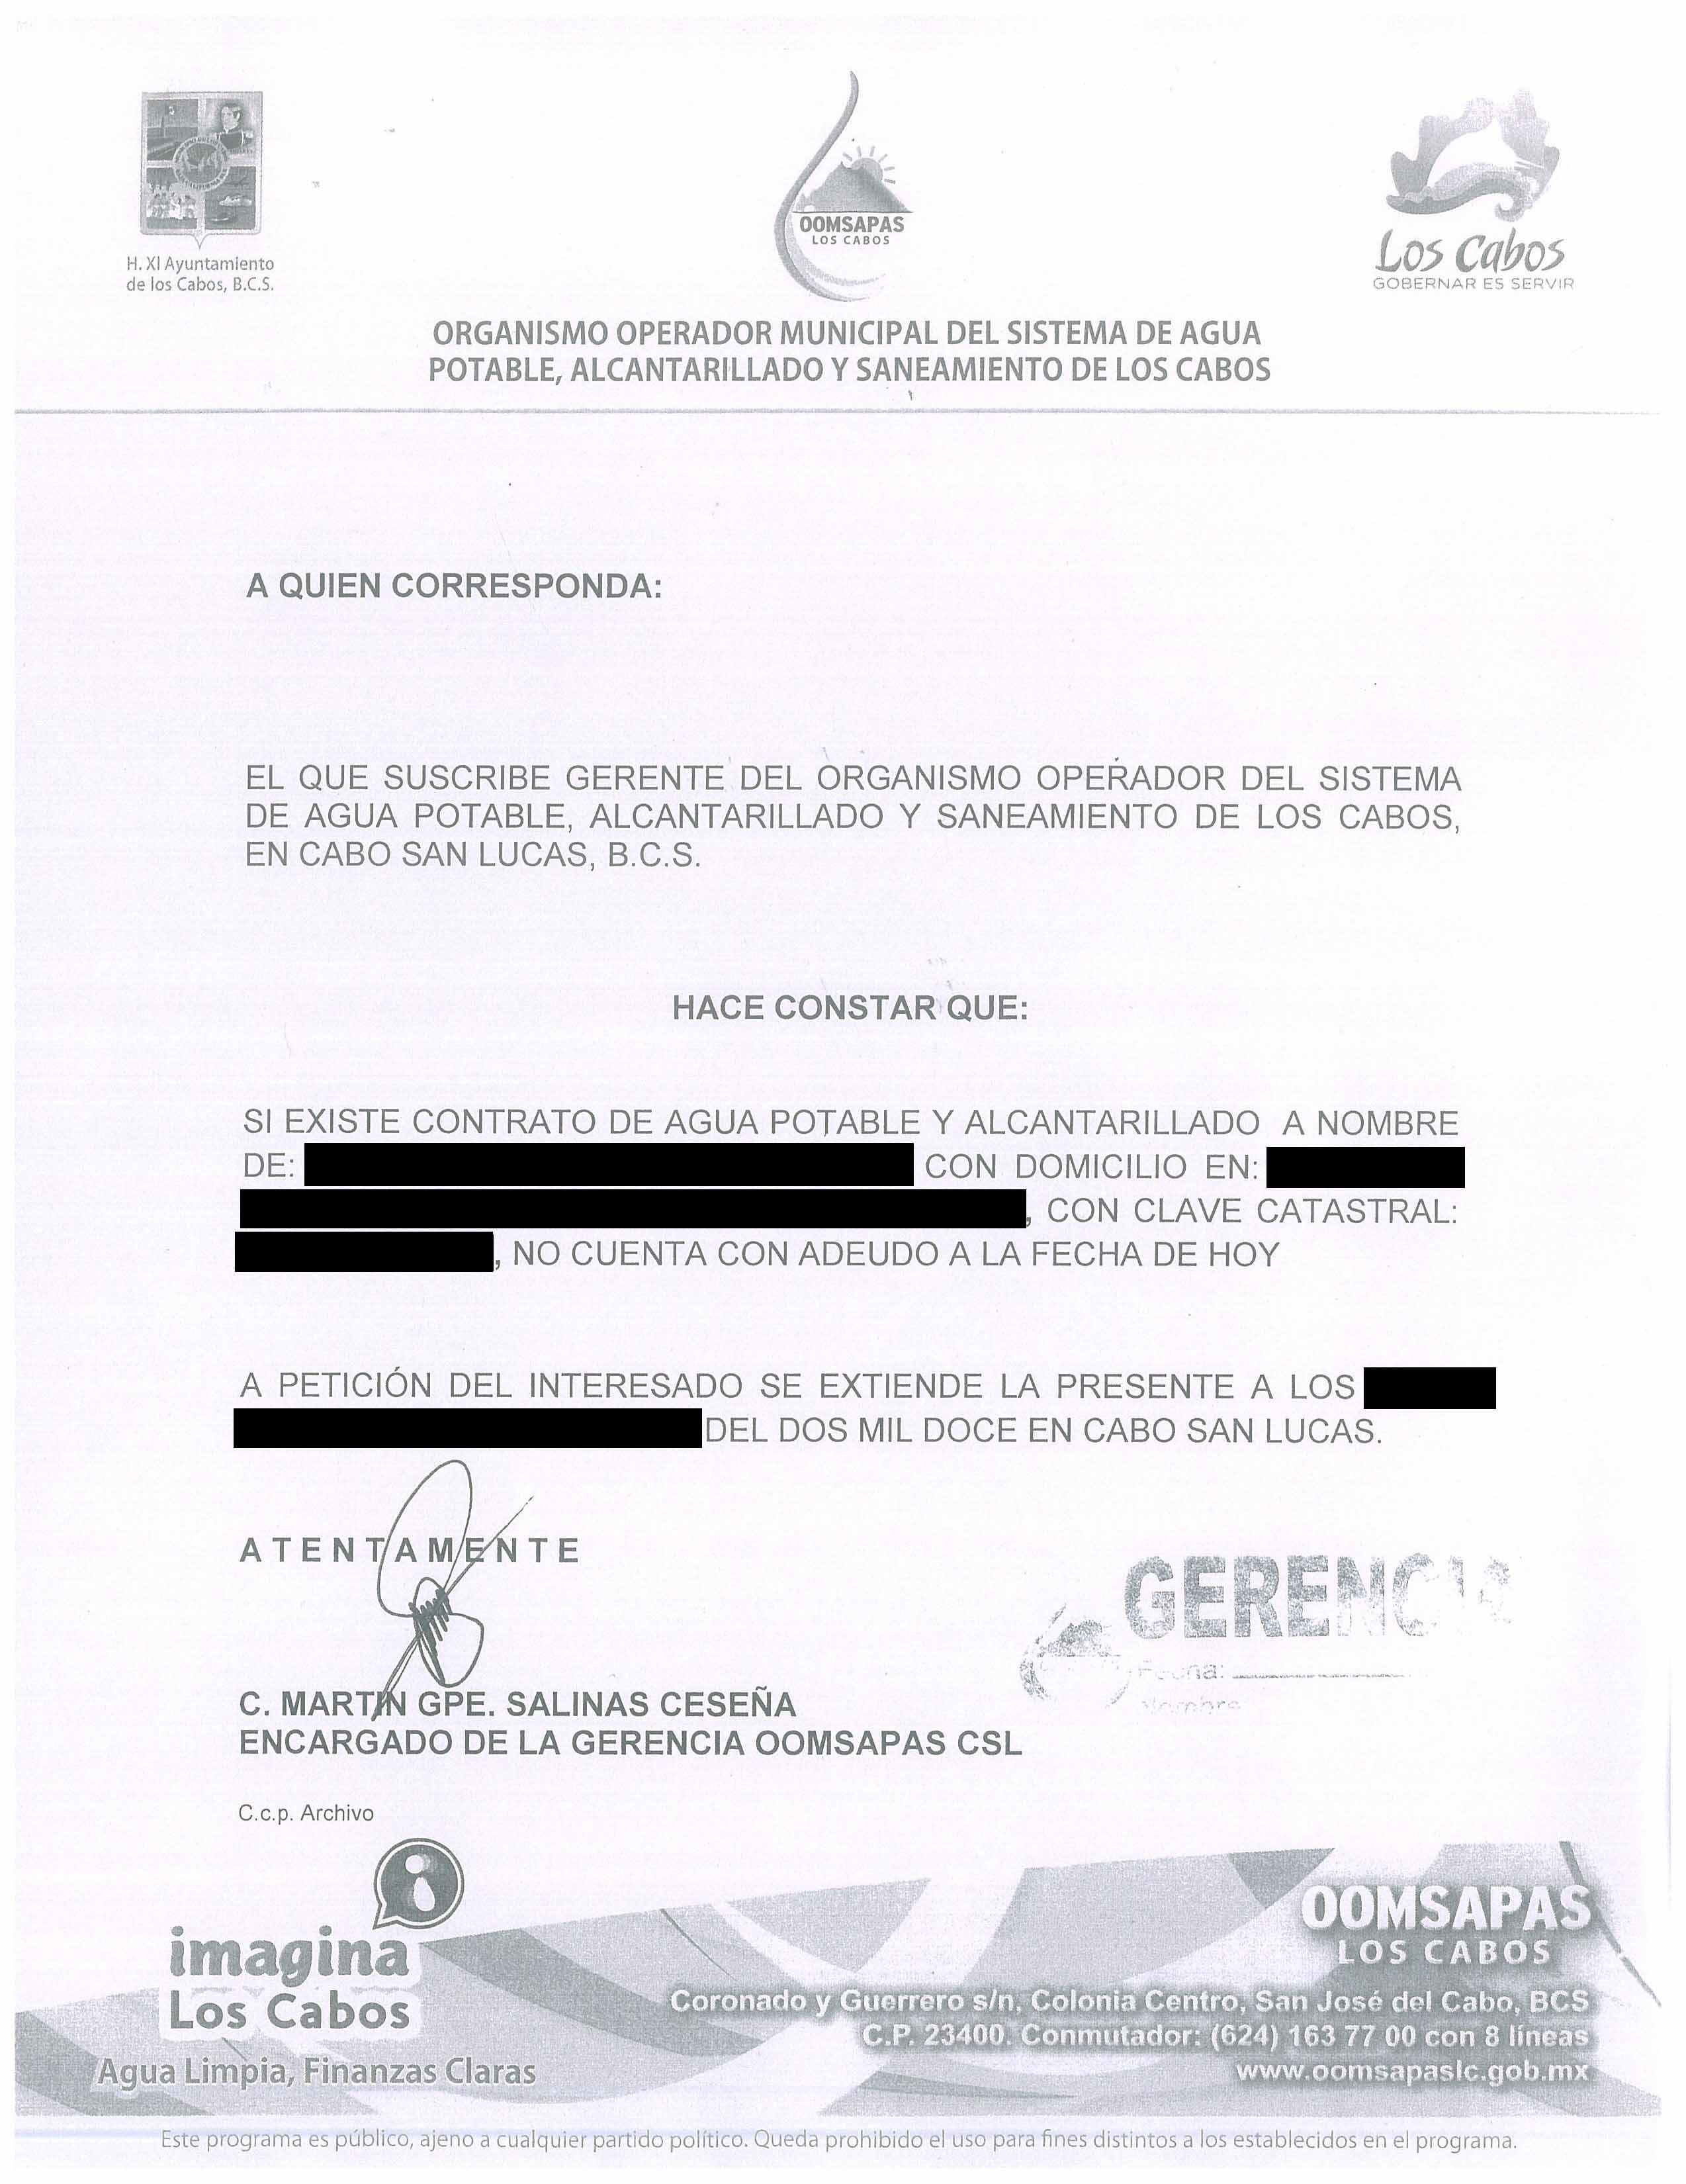 Recibos De Pagos Ministerio De La Cultura | Personal Blog